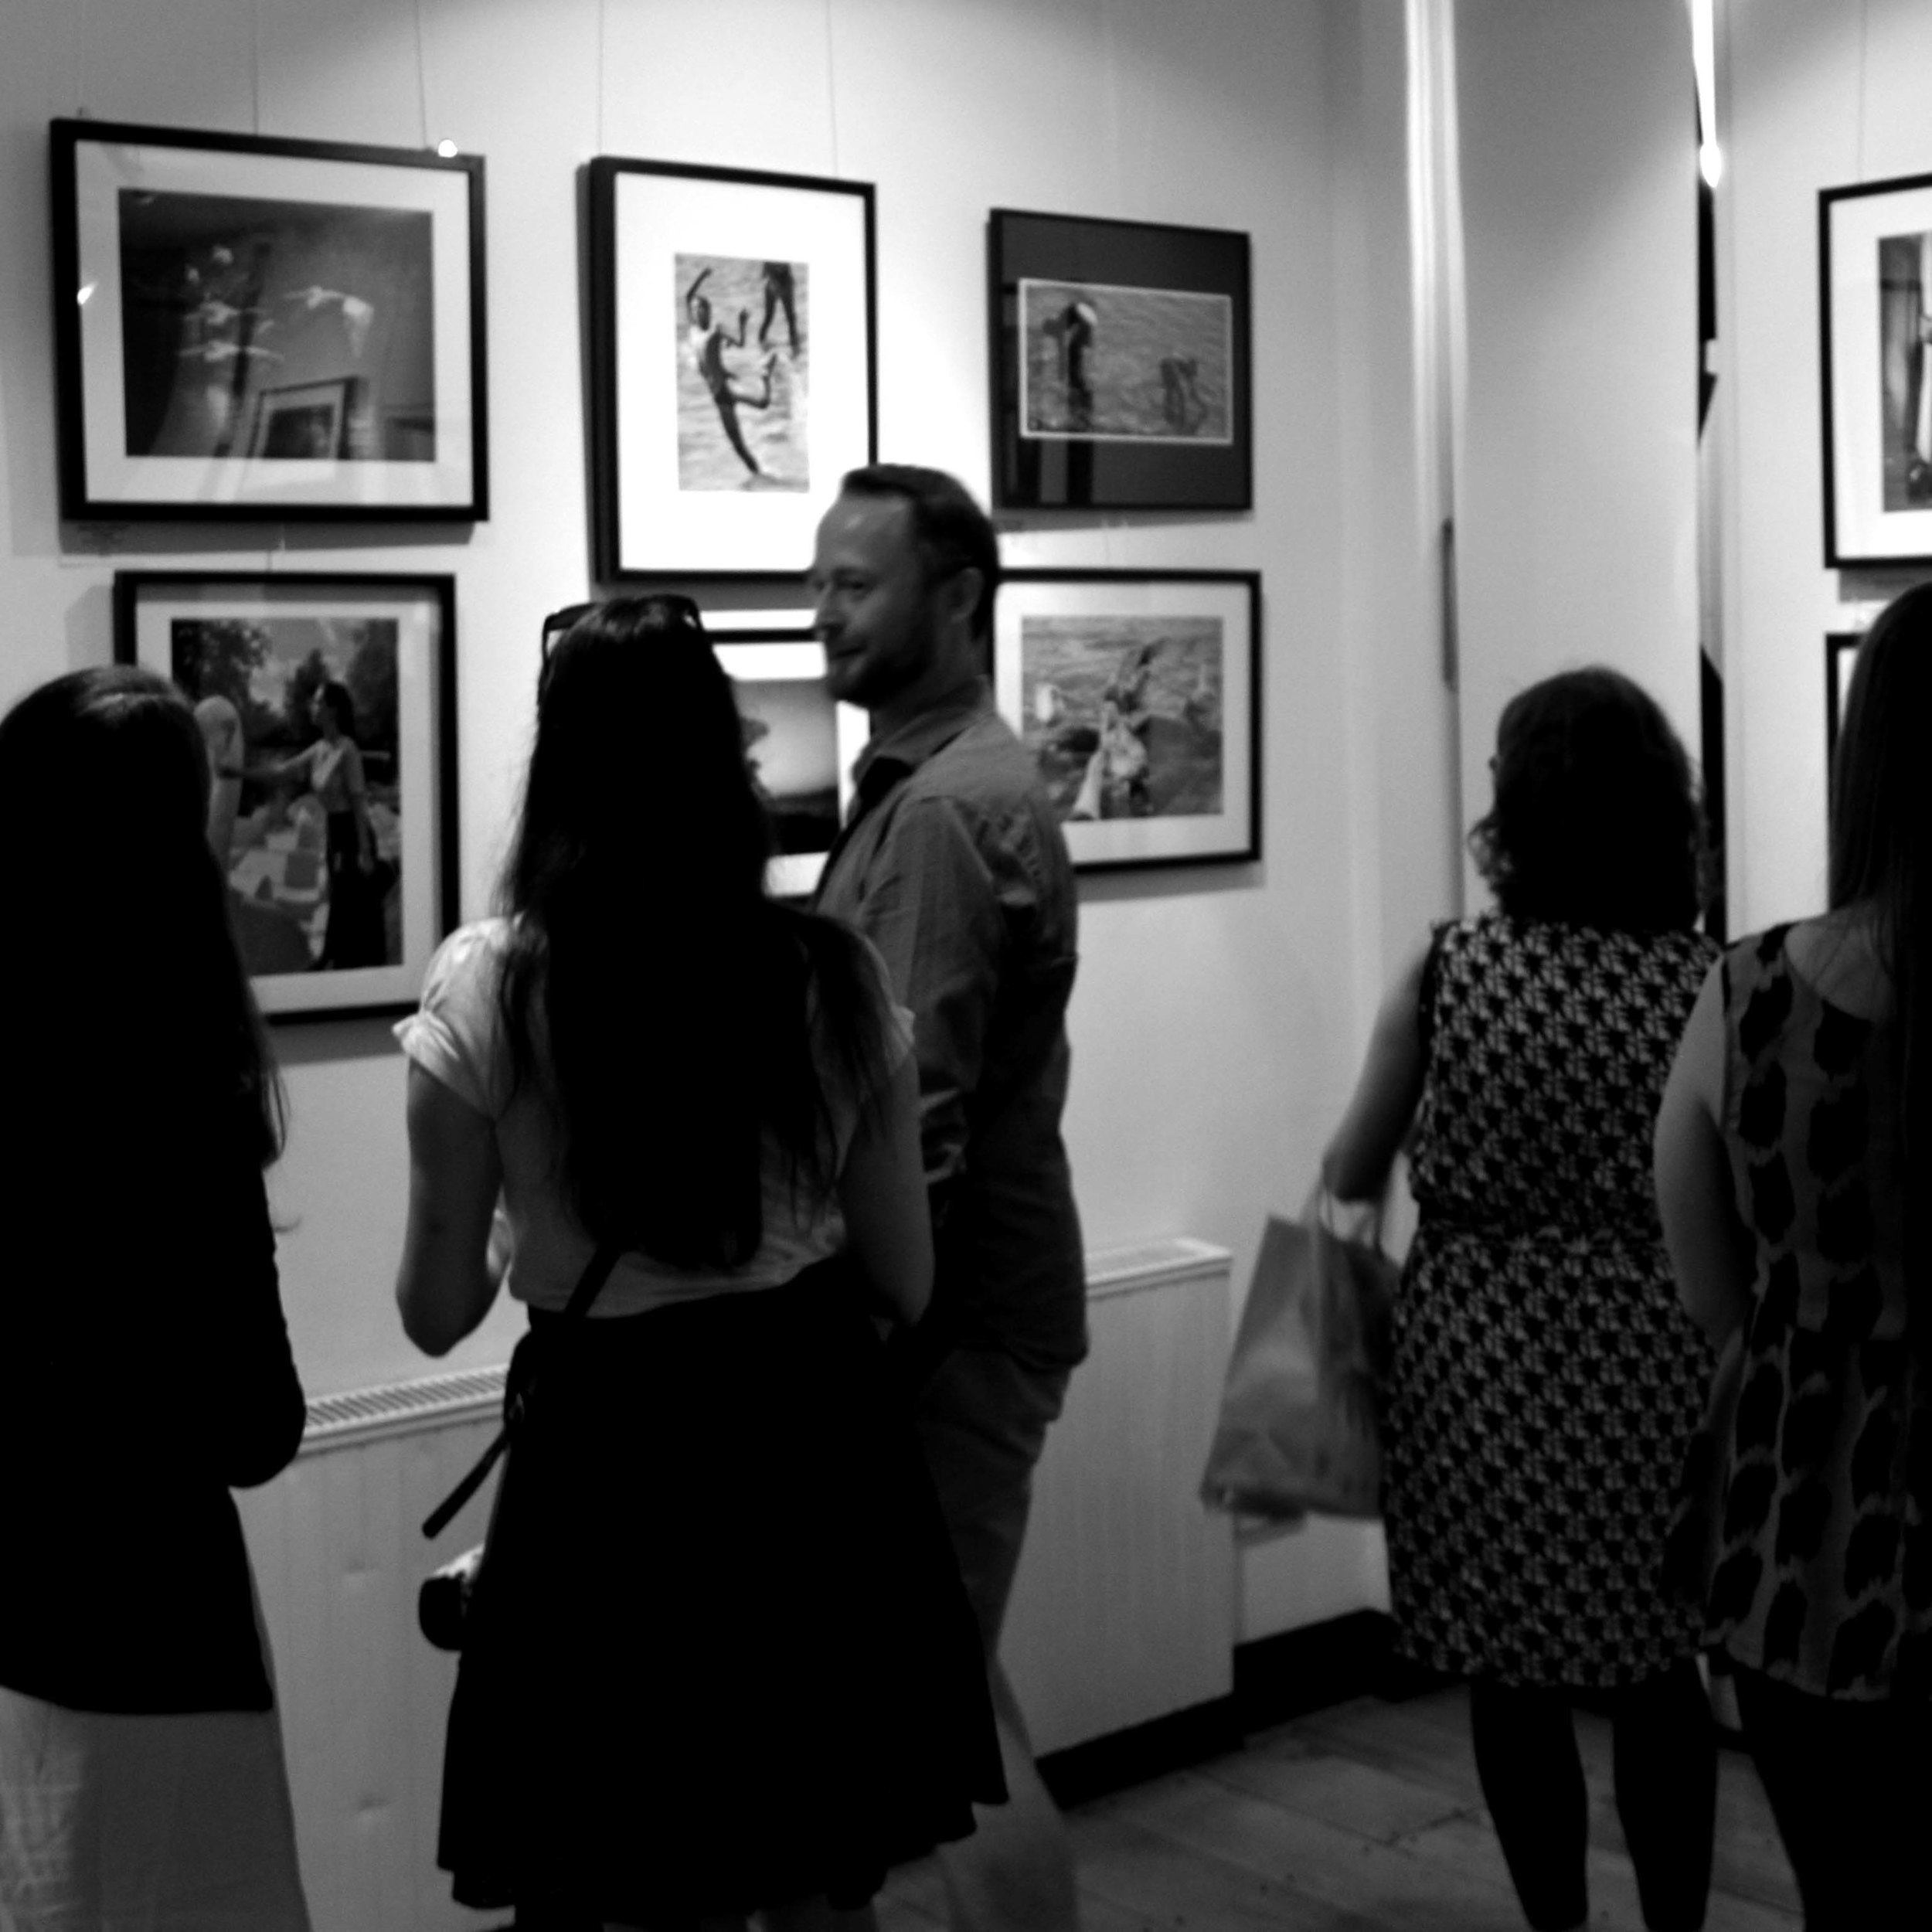 keleloko_Lauderdale house exhibition 2014 private view.jpg